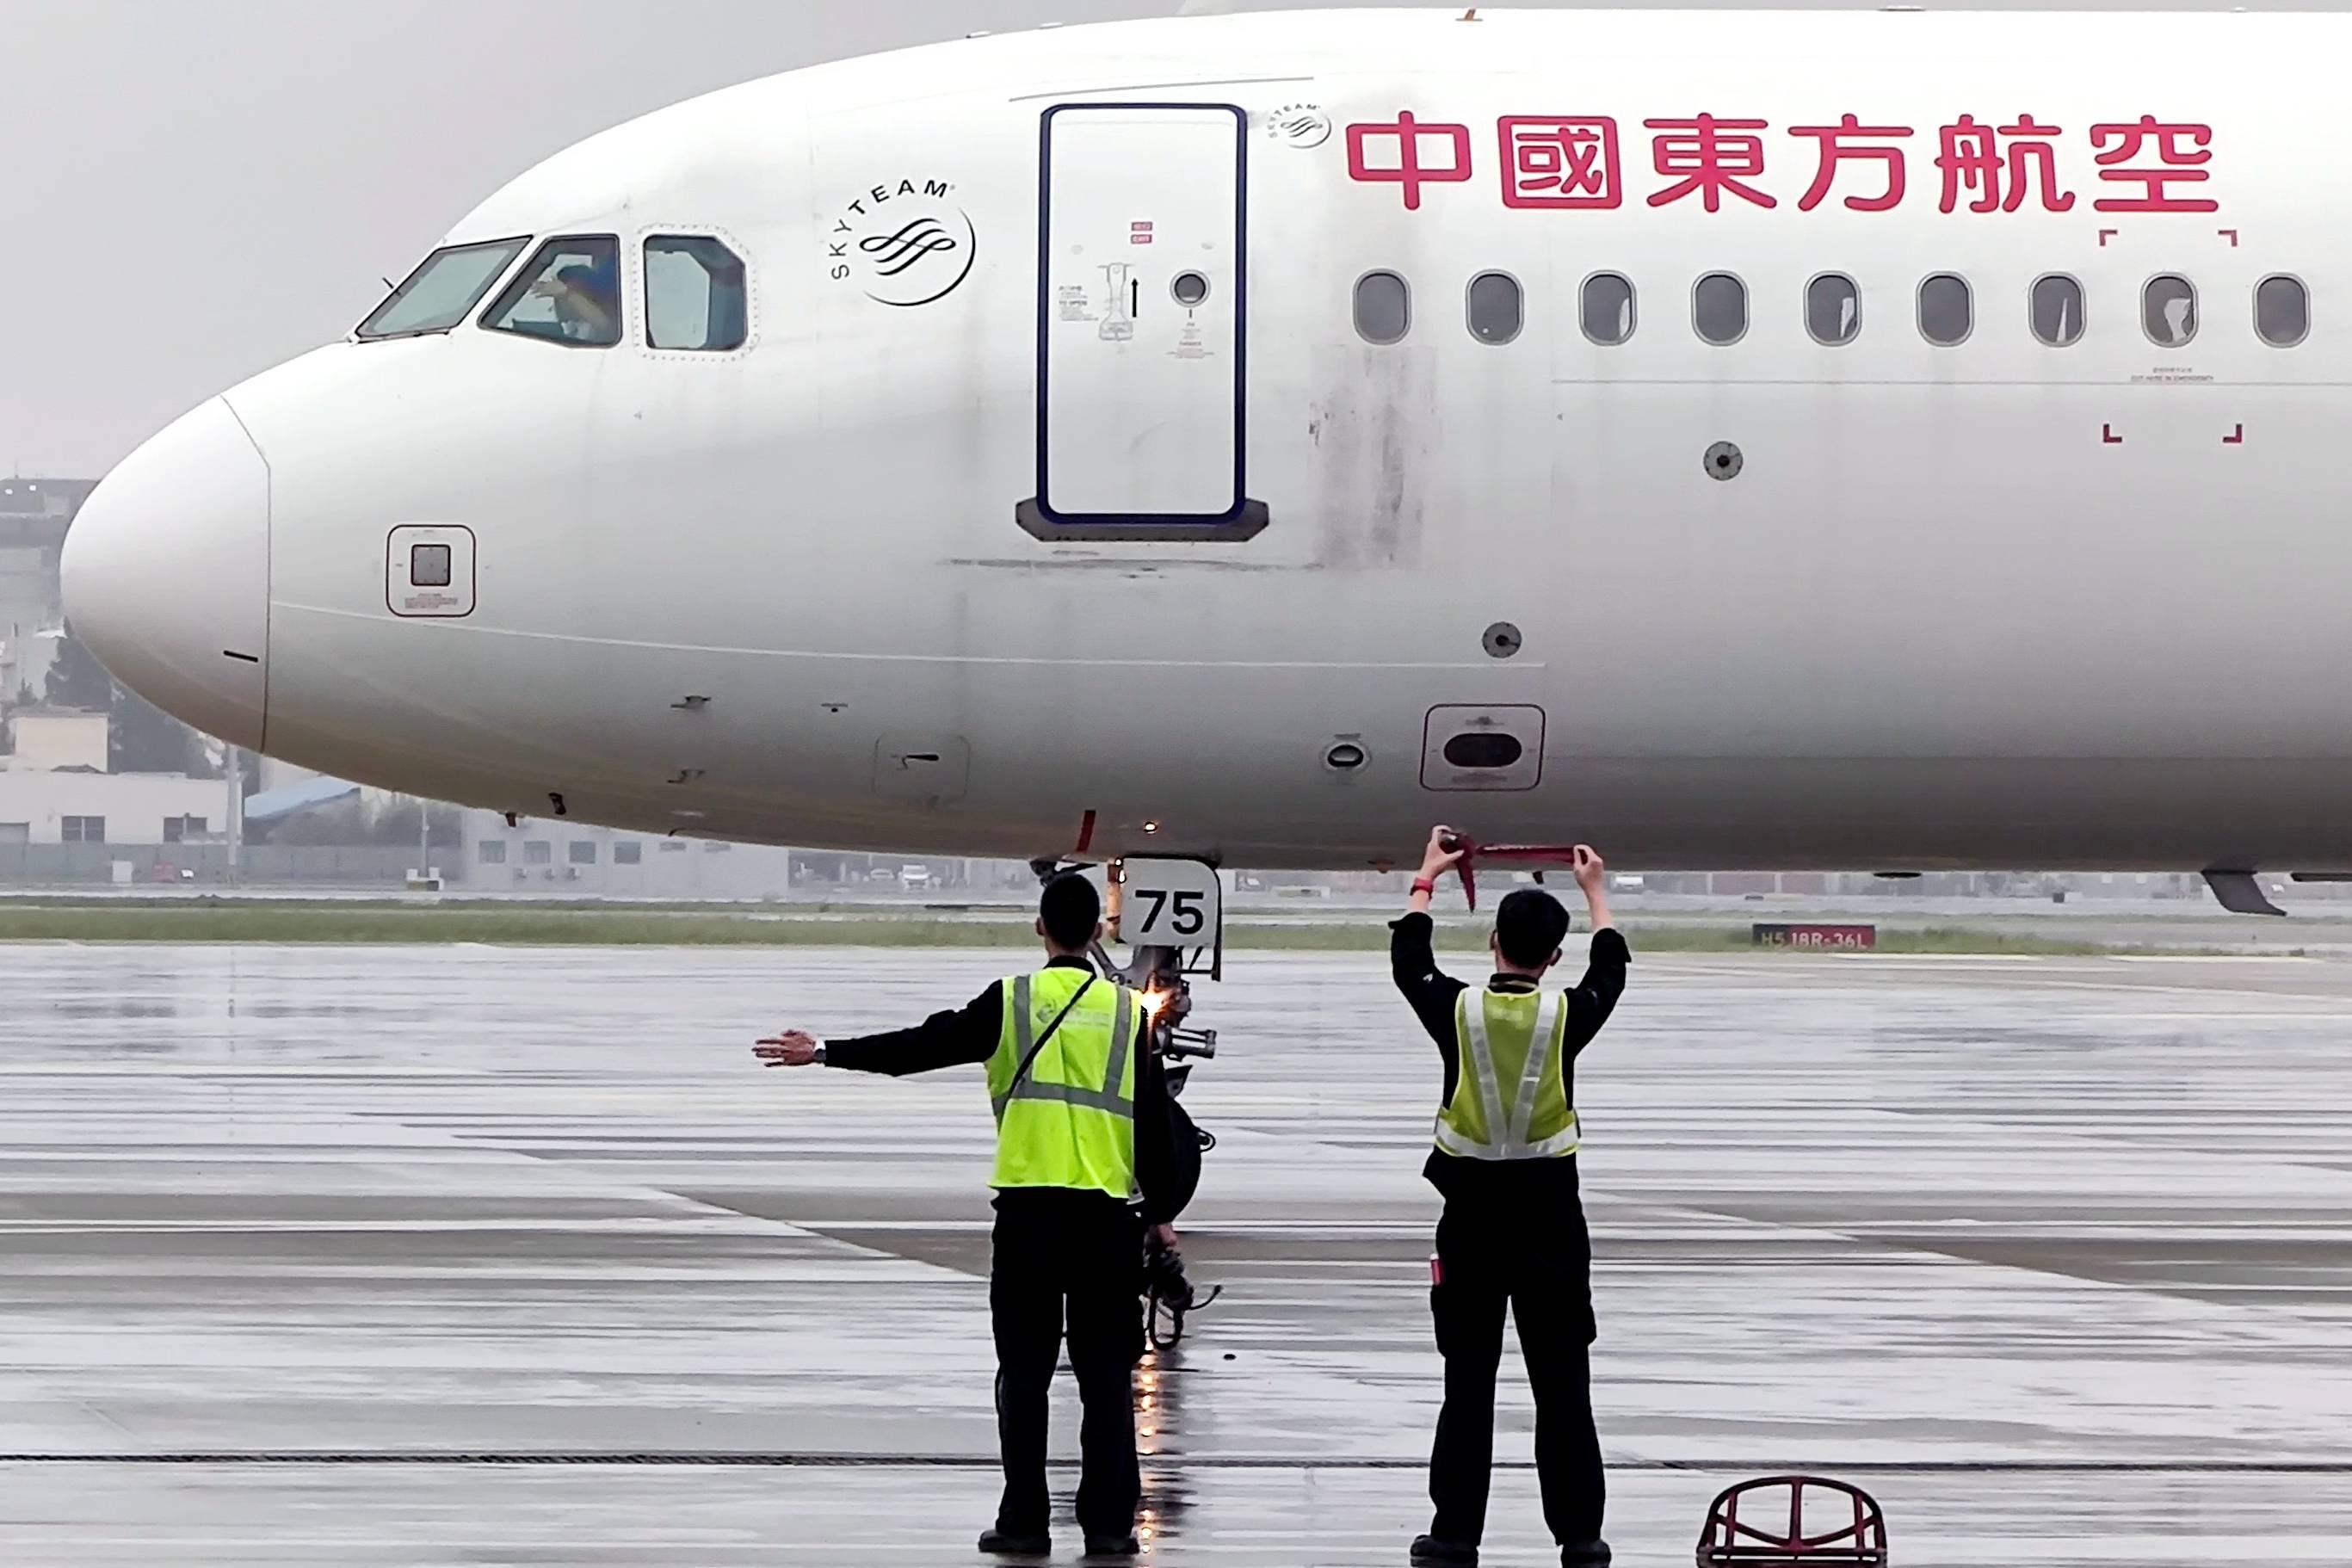 161架东航飞机陆续解除台风系留 东航上海航班运行有序恢复